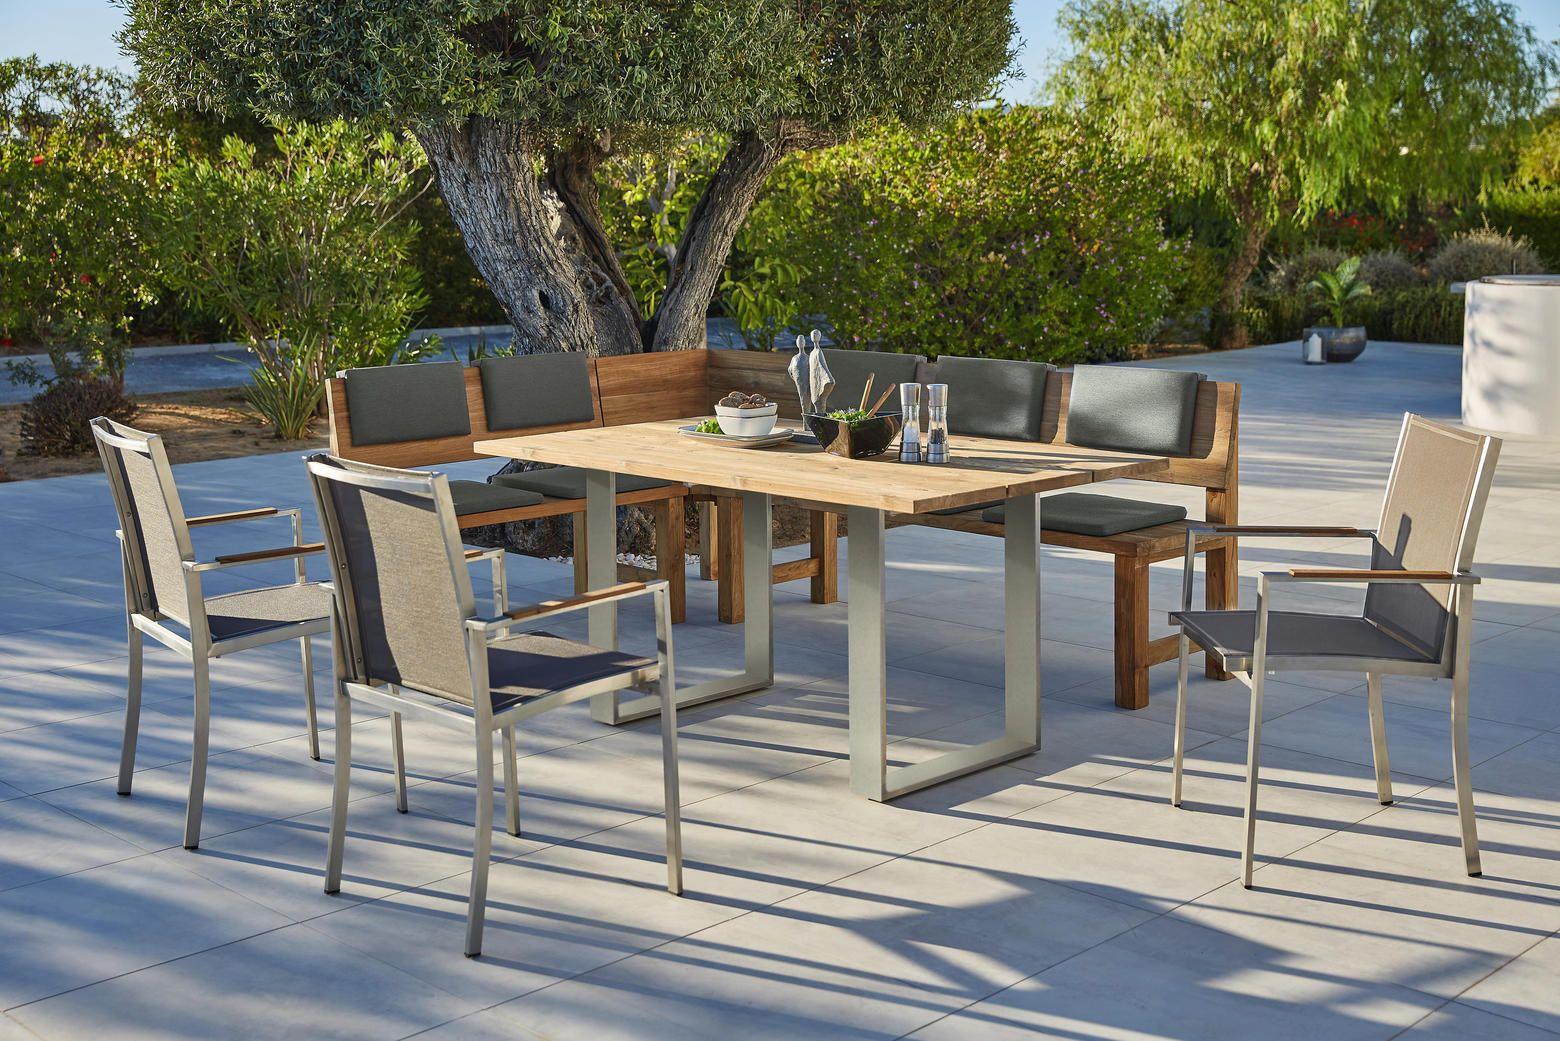 Gartentisch 160x95 Cm Aus Edelstahl Teak Massiv Gartentisch Holz Gartenmobel Sets Gartentisch Set